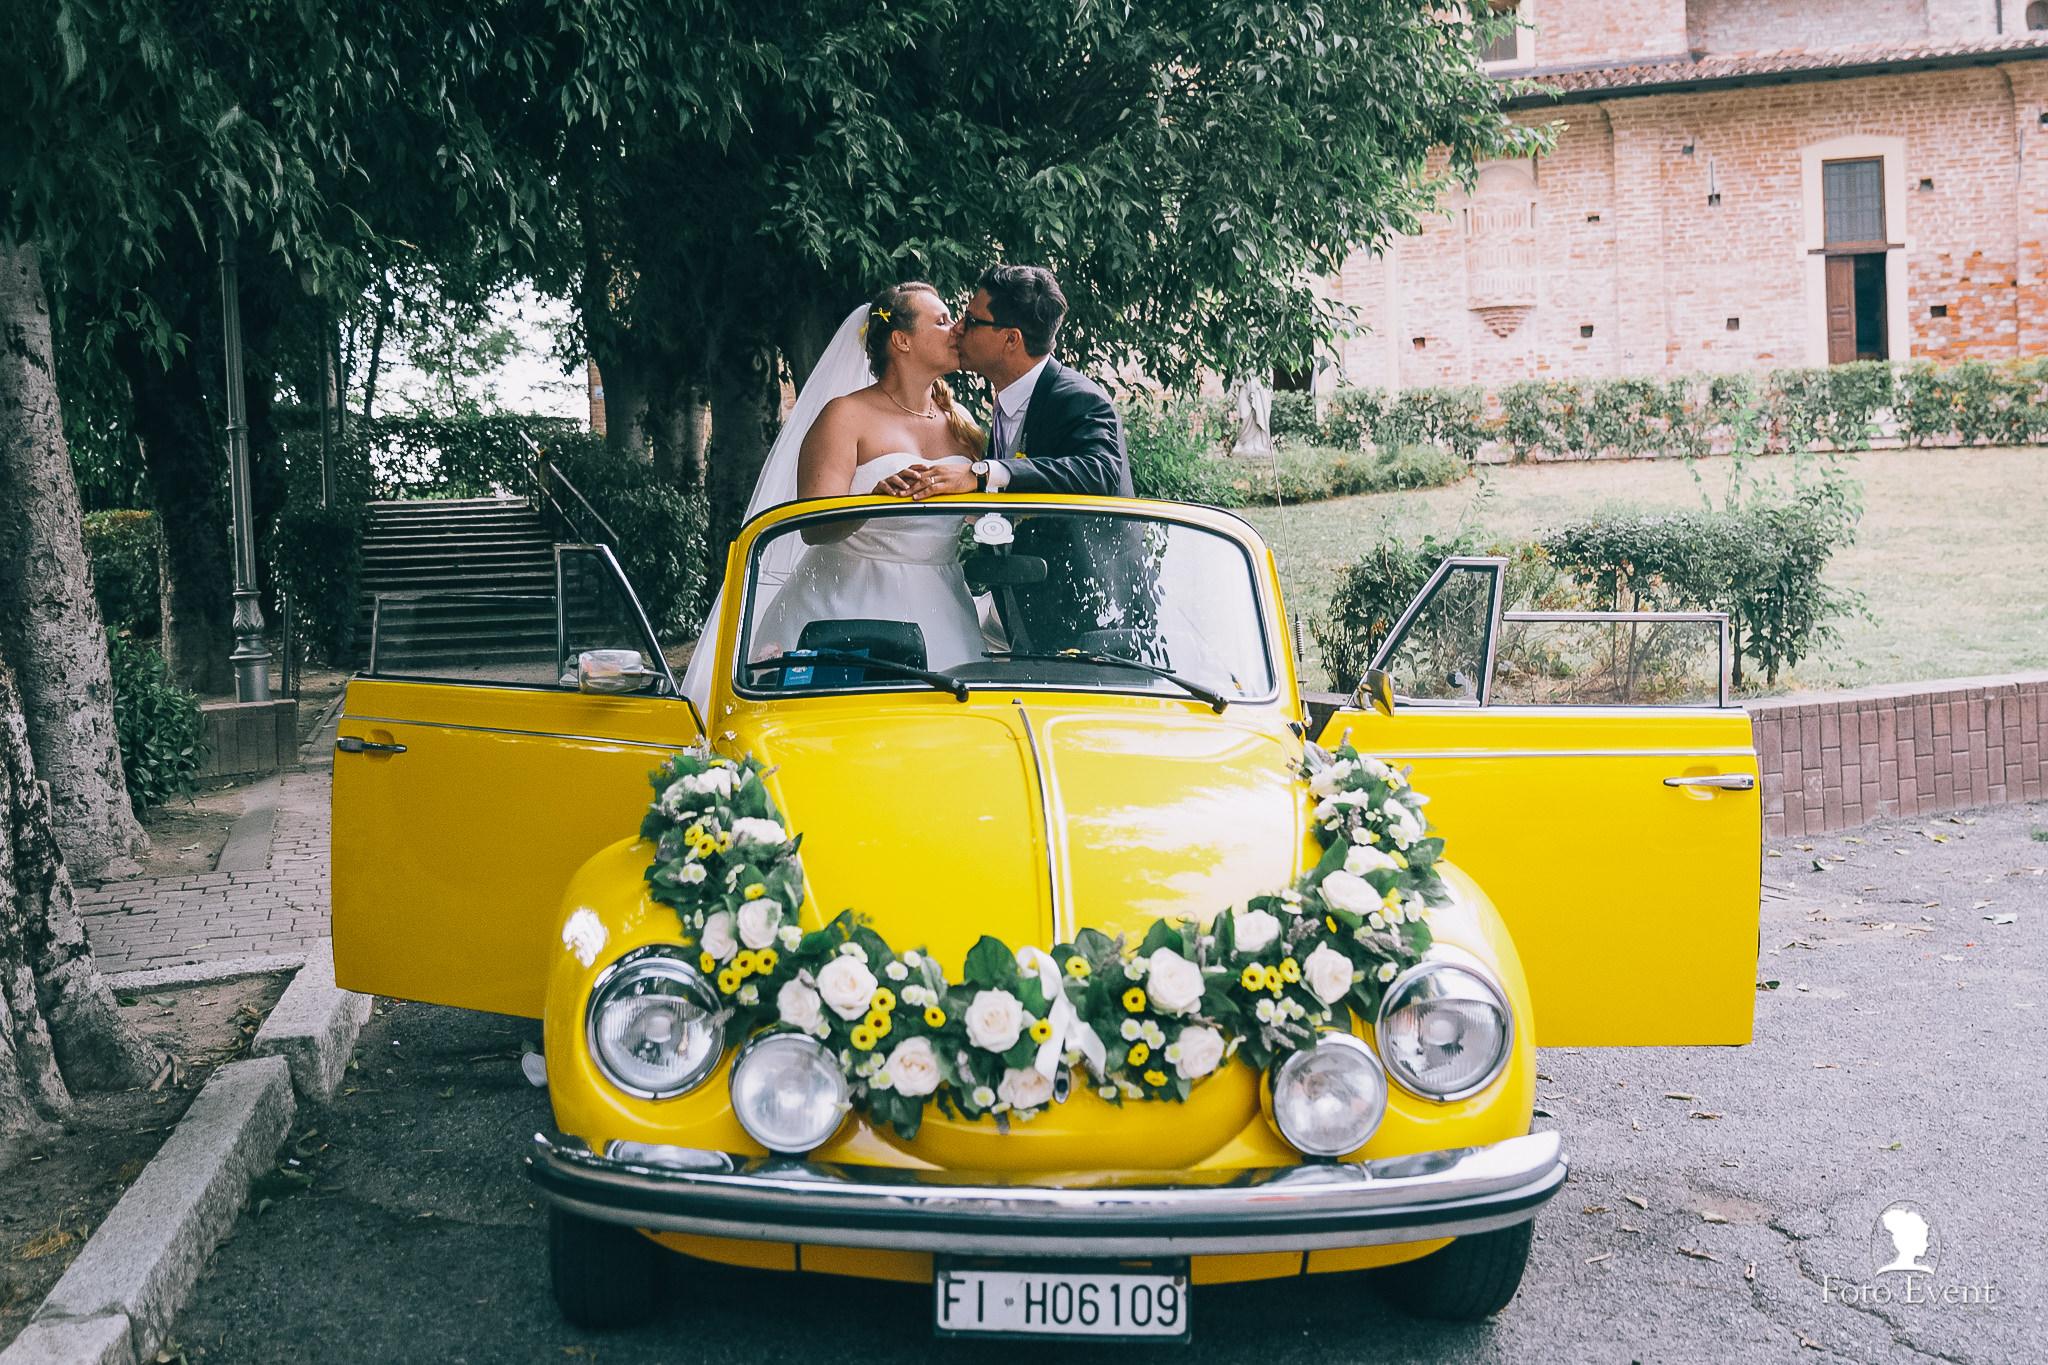 054-2019-07-27-Matrimonio-Valentina-e-Alessandro-Pettinari-5DE-1132_sviluppo